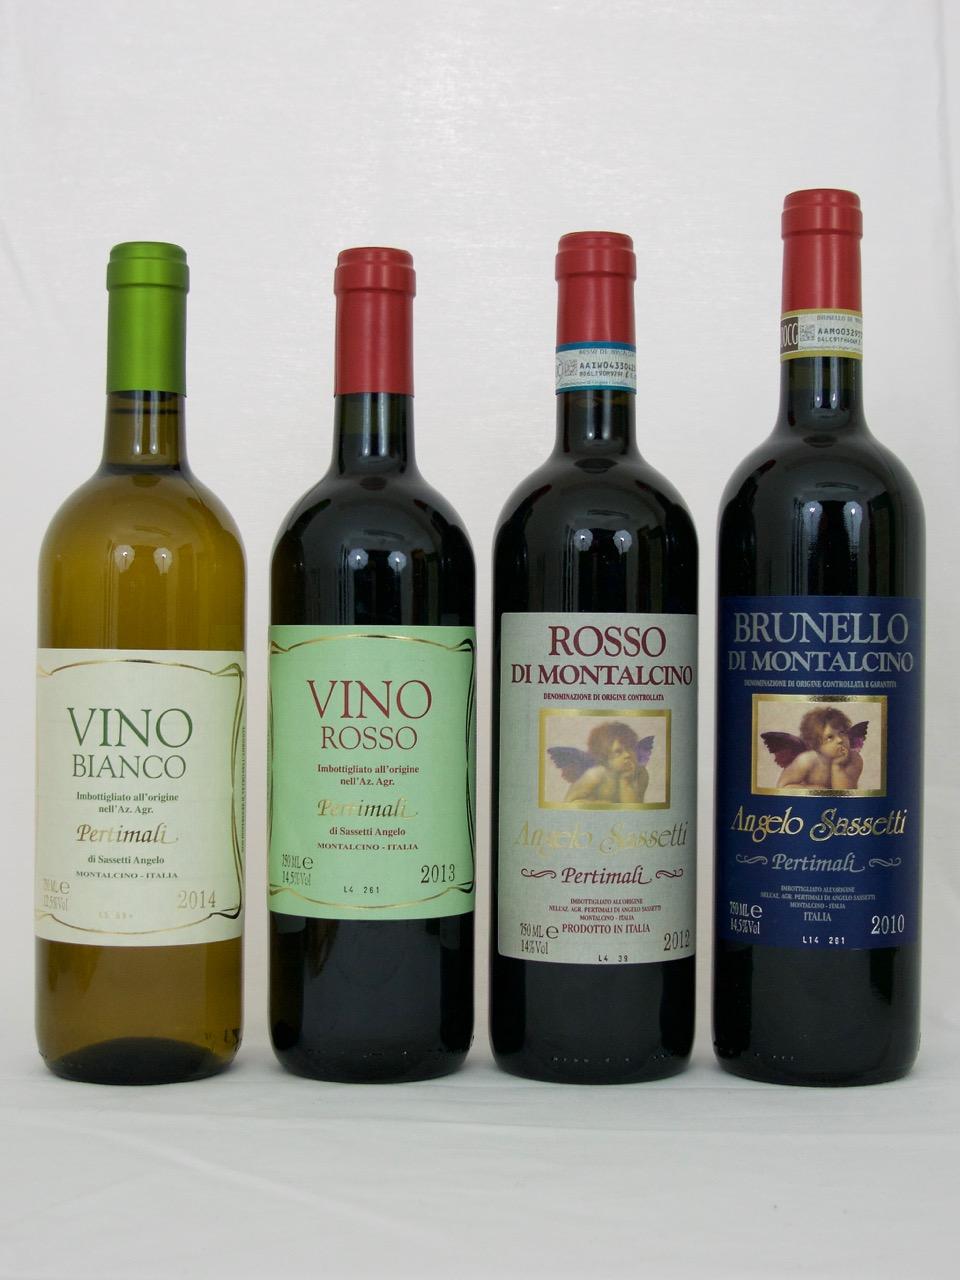 Brunello di Montalcino DOCG 2010 (15%Vol) <br /> Angelo Sassetti